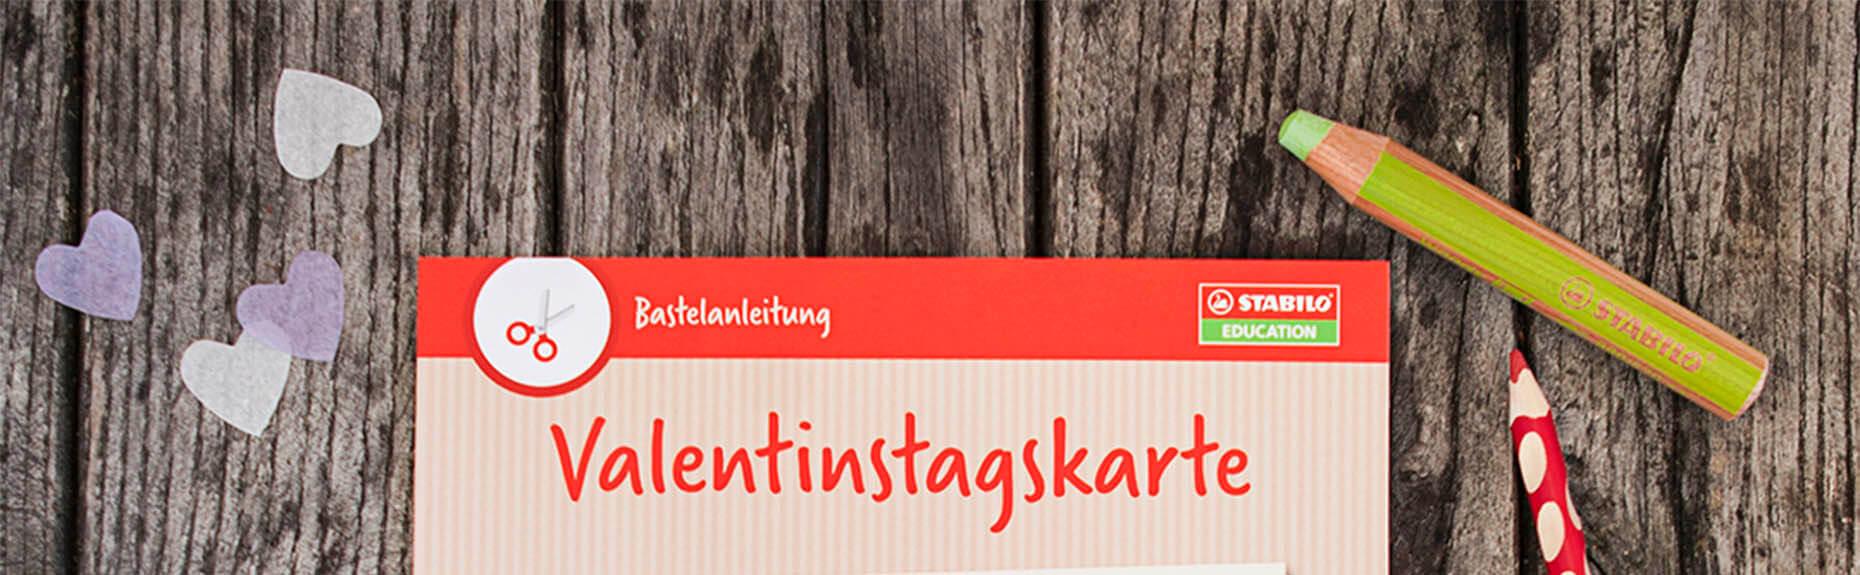 Valentinstag-Deutsch_1860-575.jpg